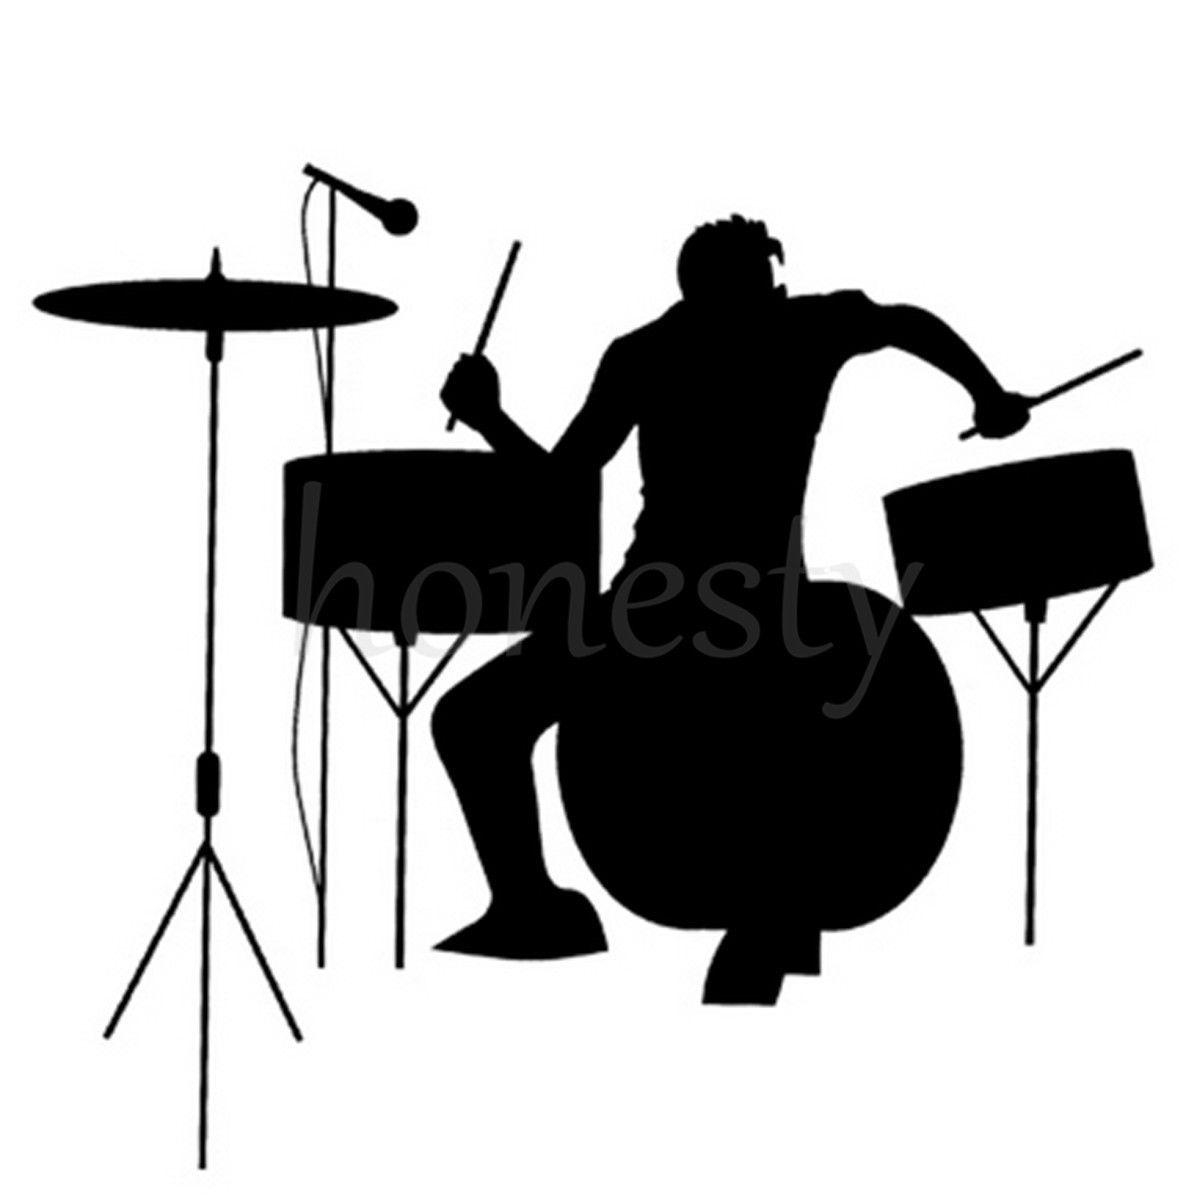 1200x1200 White Drum Set Silhouette. Existe Fotos Do Chris Rock E Sua